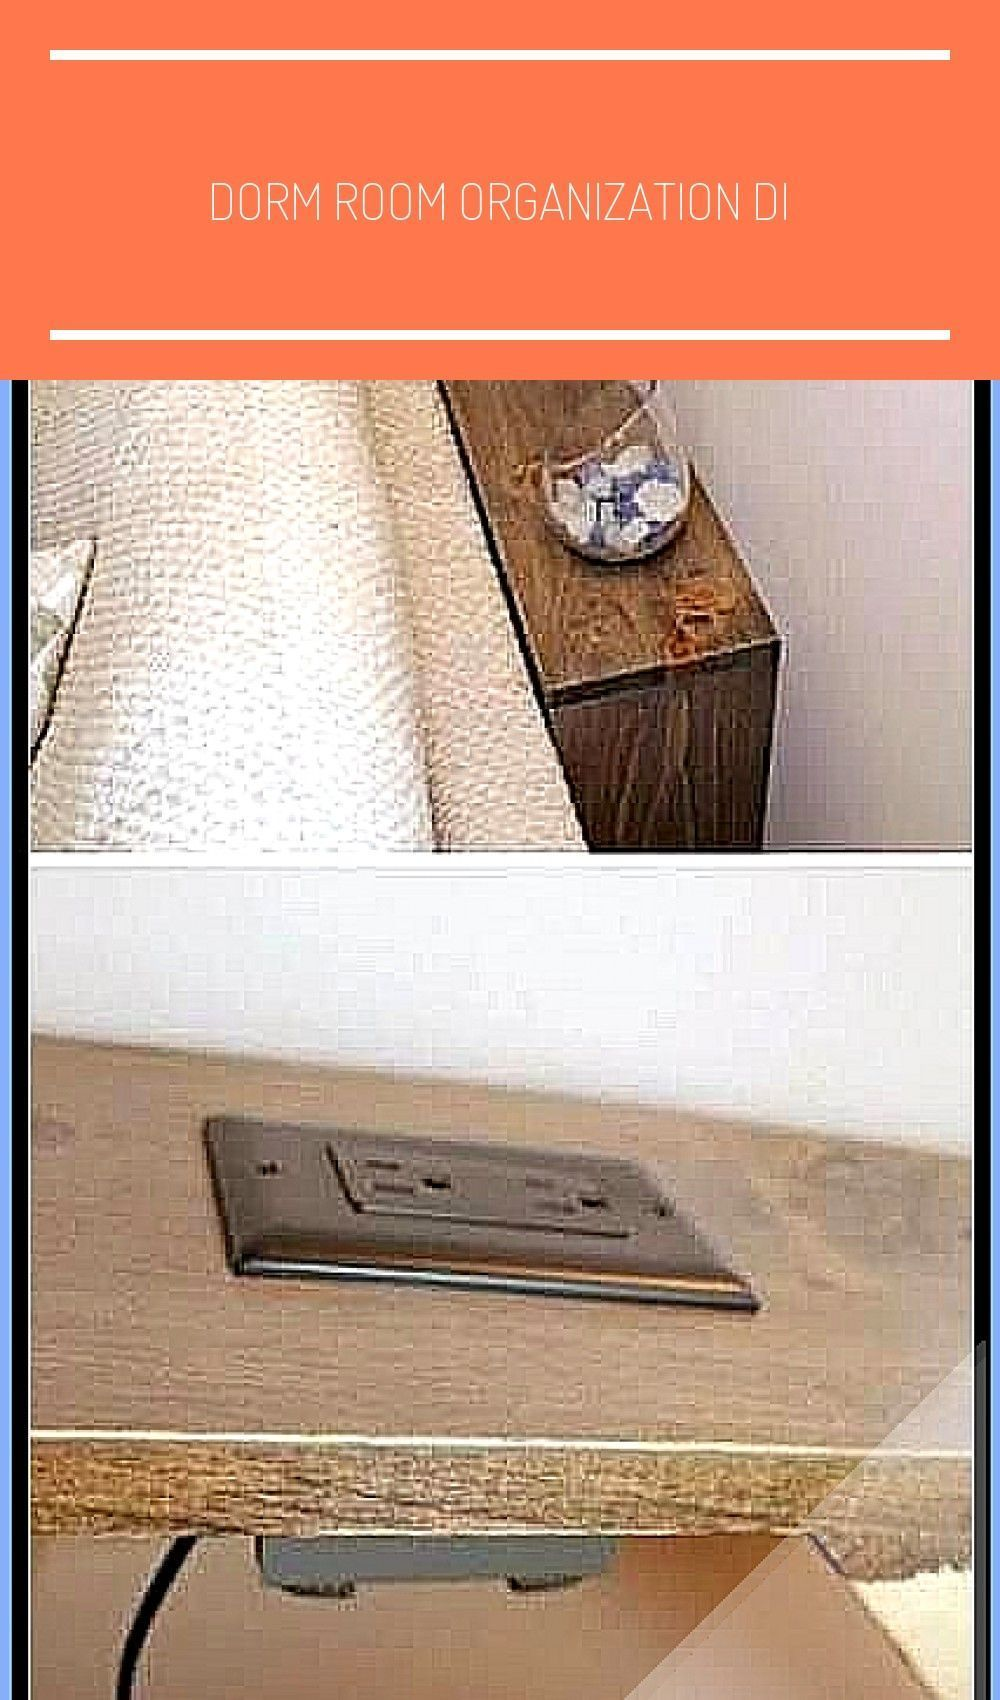 Dorm room organization diy organizing tips 20 idea classpintag DIY Dorm dorm roo Dorm room organization diy organizing tips 20 idea classpintag DIY Dorm dorm room organiz...